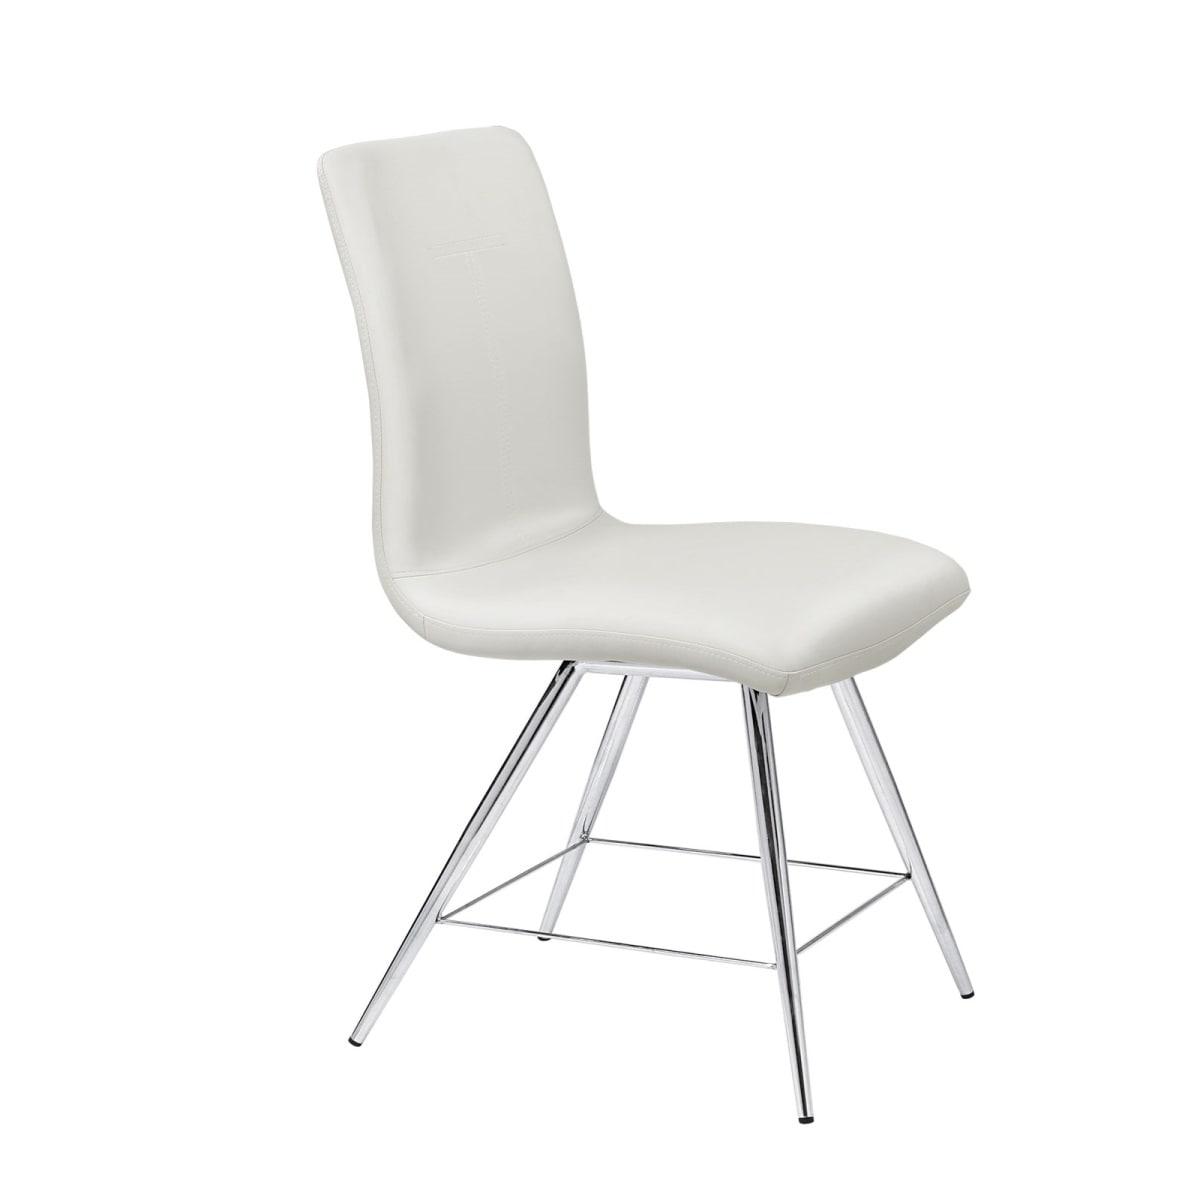 stuhl lederlook beige porta m bel online kaufen. Black Bedroom Furniture Sets. Home Design Ideas